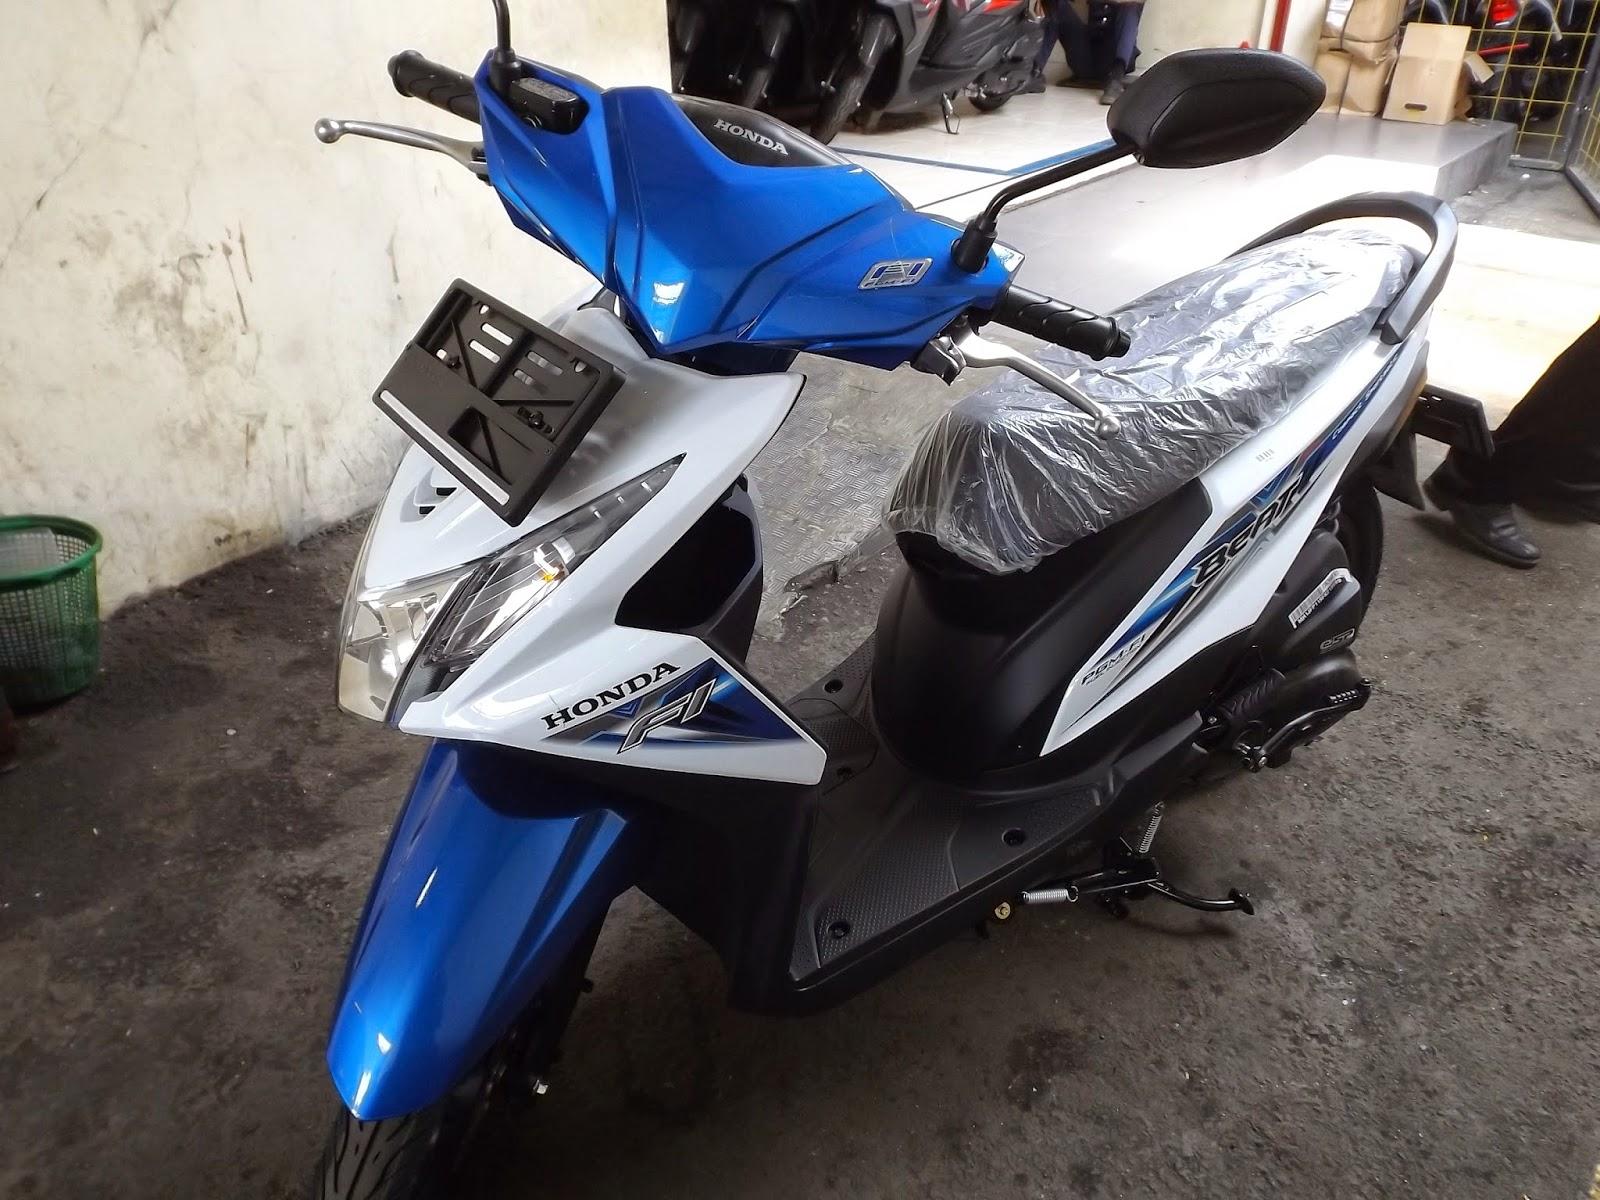 New Beat Esp Cbs Funk Red White Harga Terkini Dan Terlengkap All Sporty Tecno Blue Salatiga Honda Motor Matic Terlaris Di Indonesia Mobil